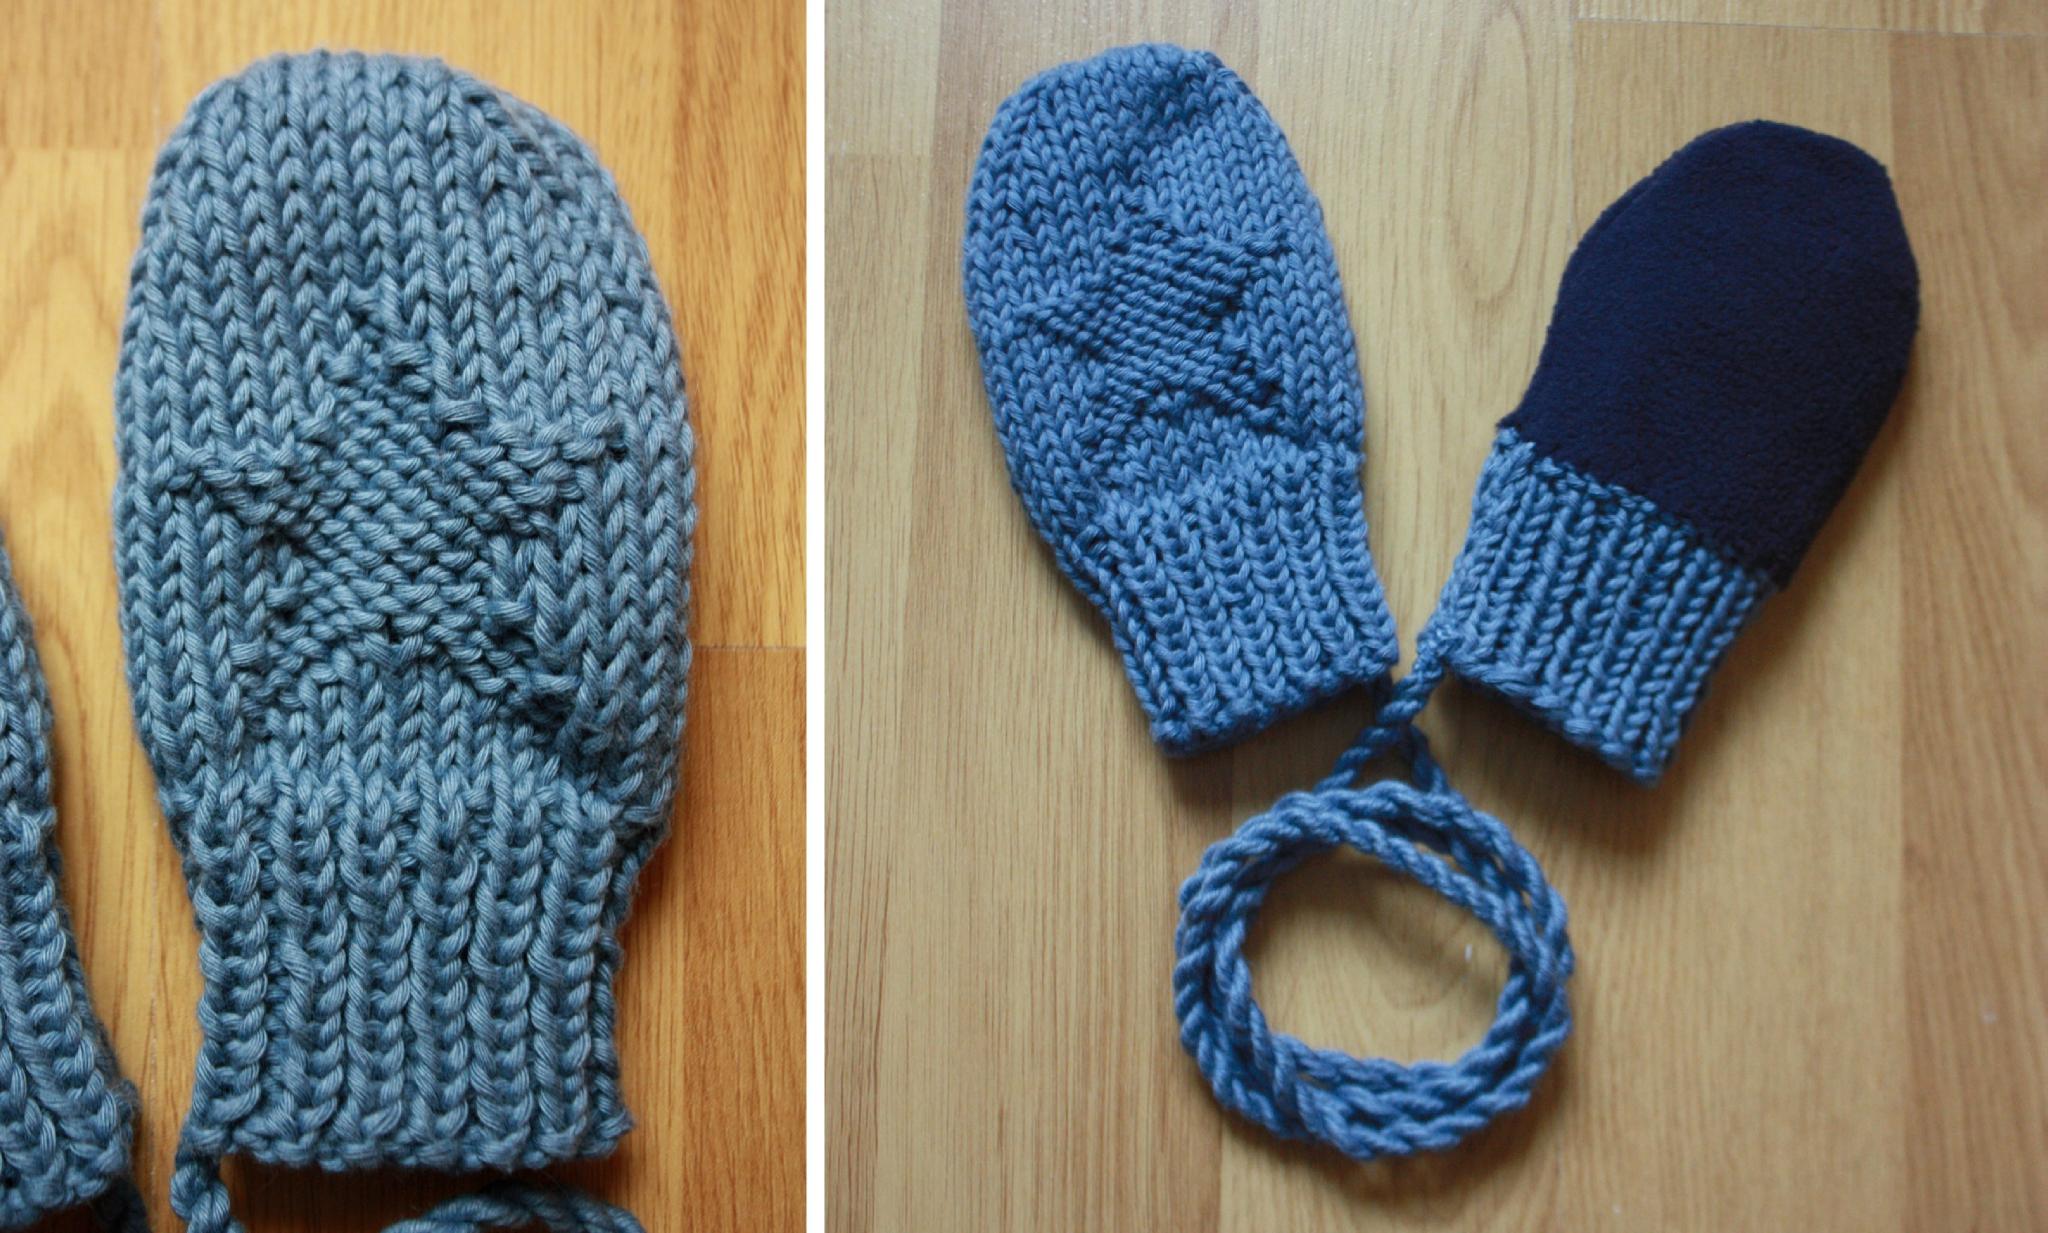 Tricoter moufles 2 ans - Idées de tricot gratuit 003678dc9a8